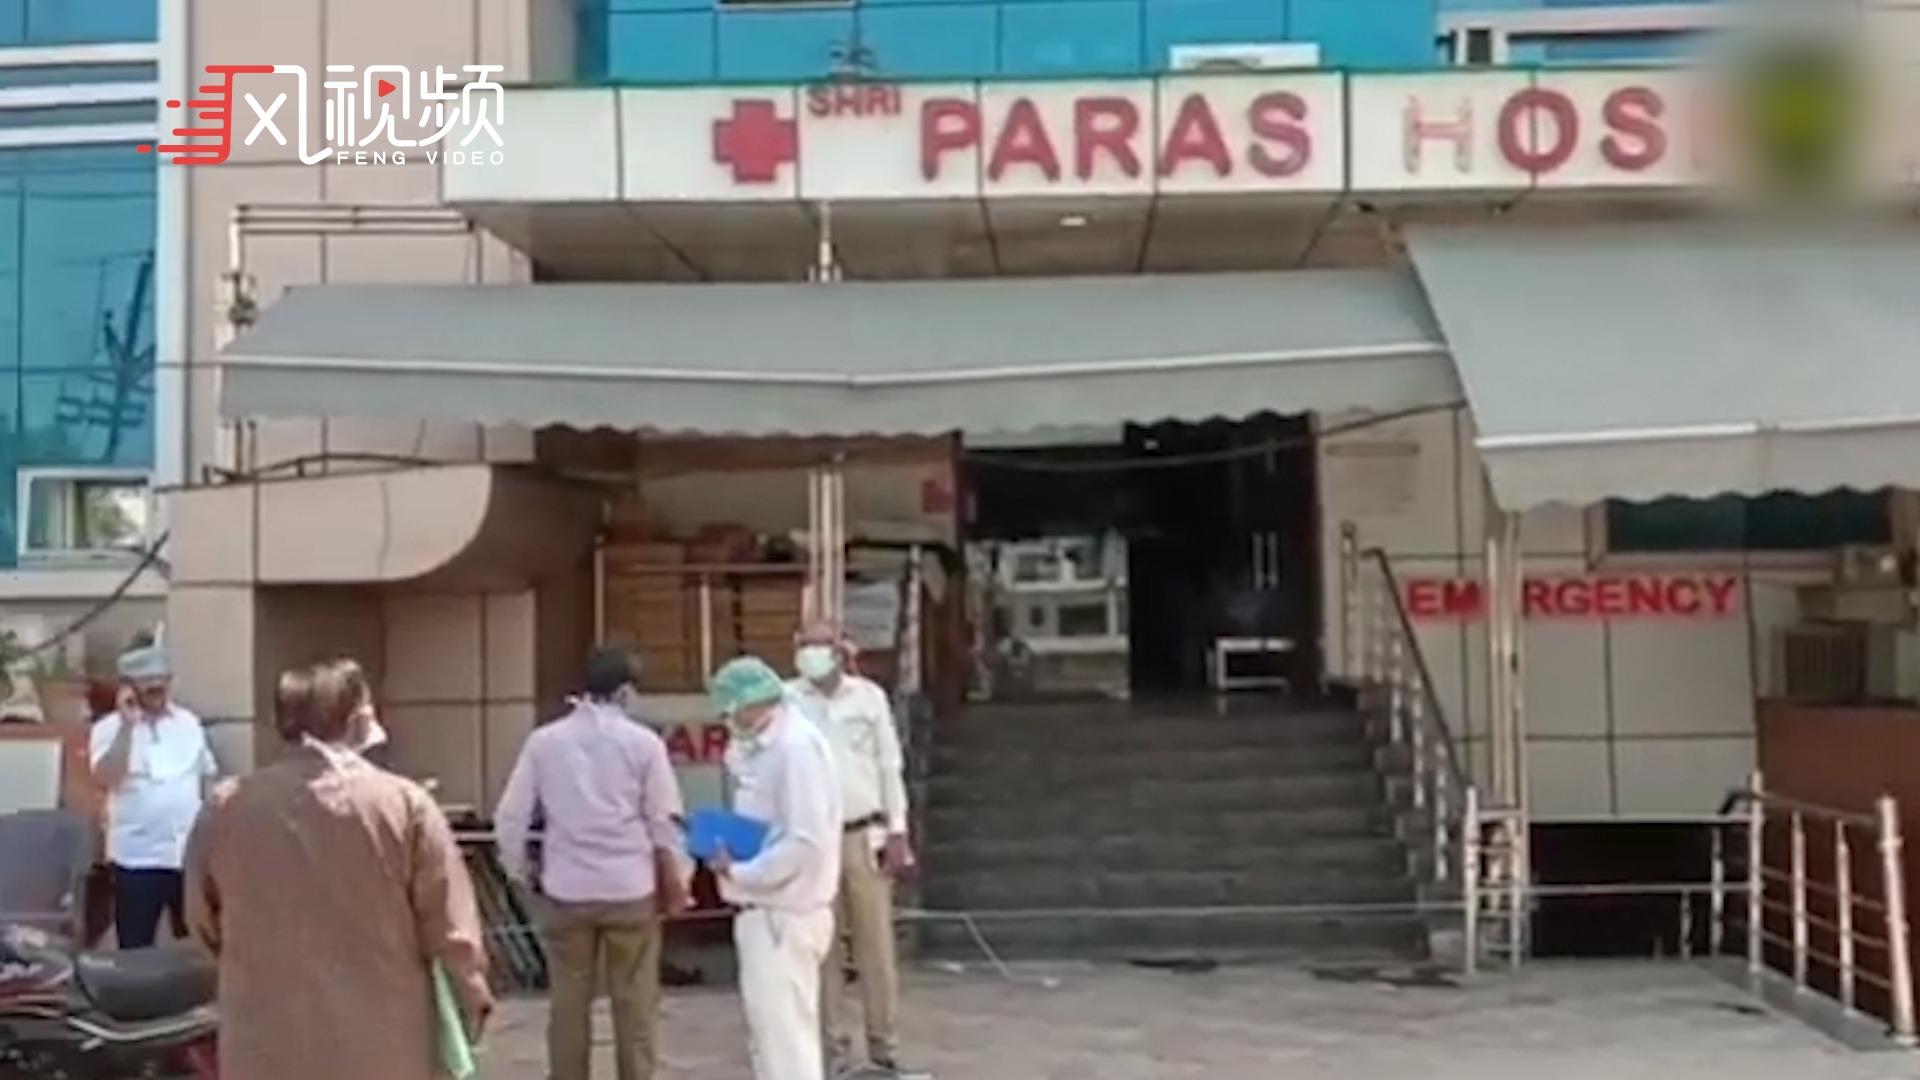 印度一医院模拟断氧演练致22人死亡